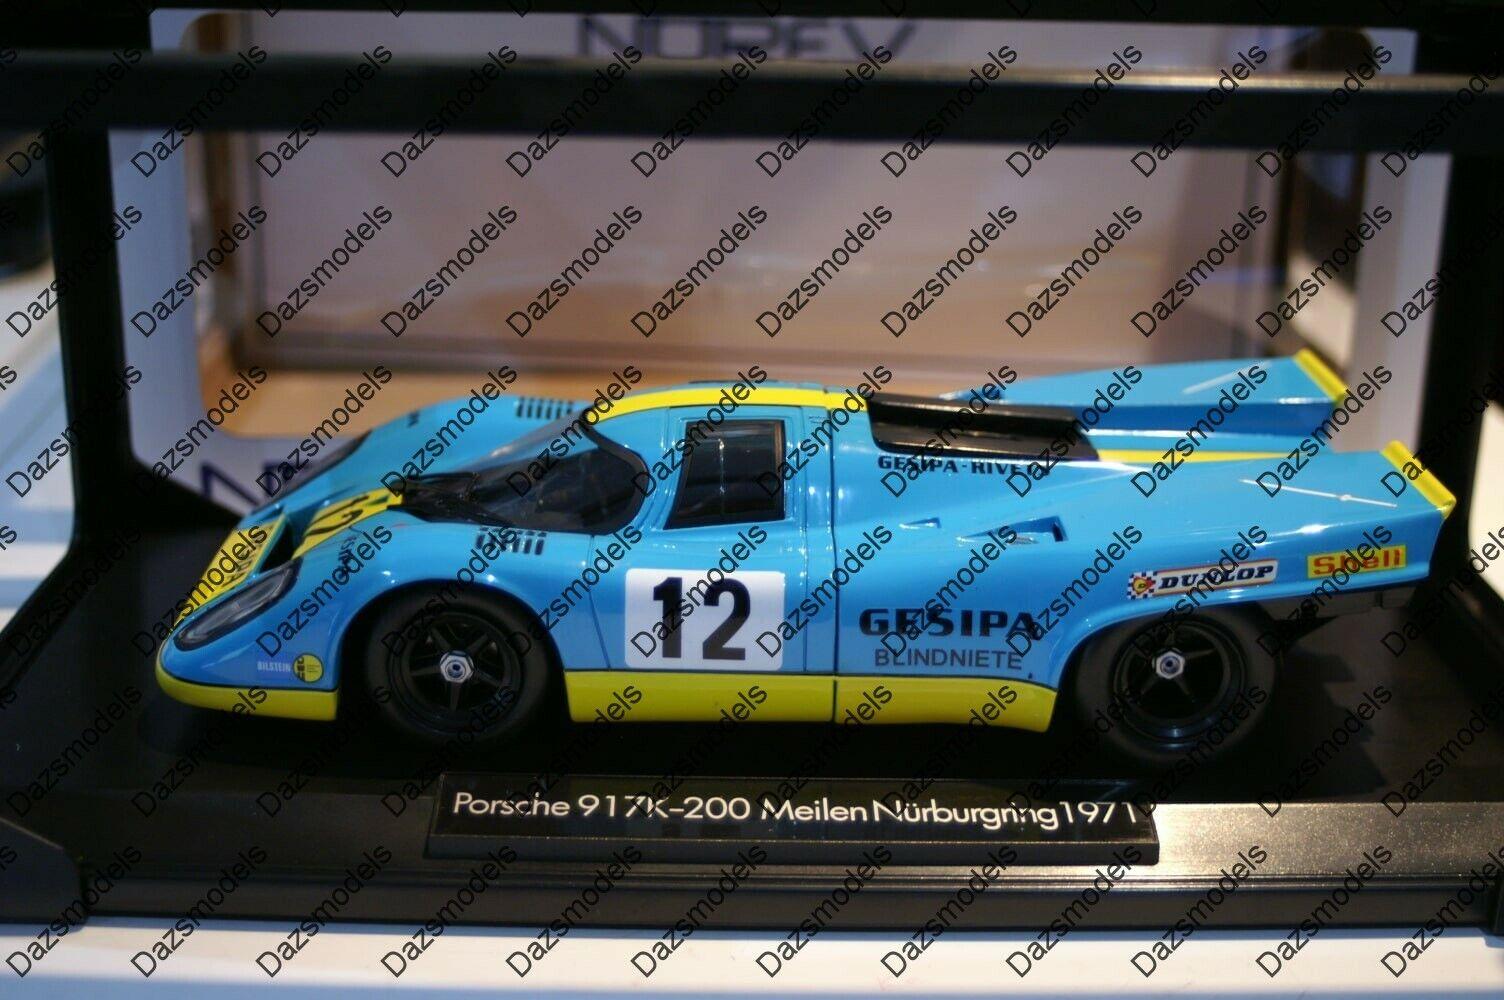 tienda de venta Norev Norev Norev Porsche 917k Nurburgring 1971 Gesipa escala 1 18 187580K  descuento de bajo precio